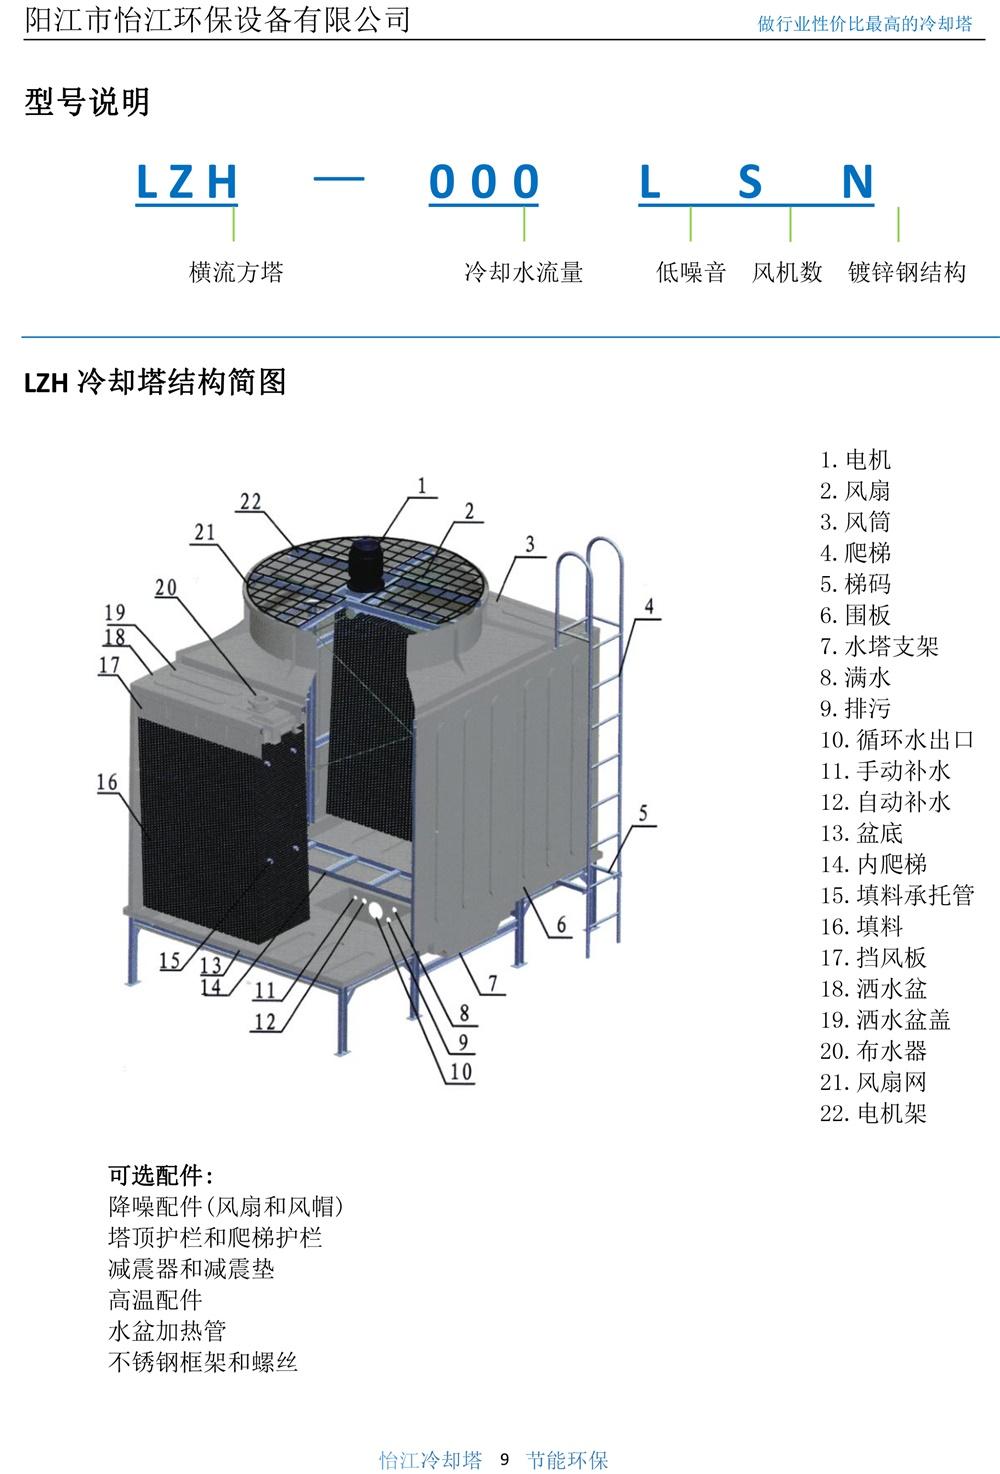 產品手冊(彩頁)3-9.jpg